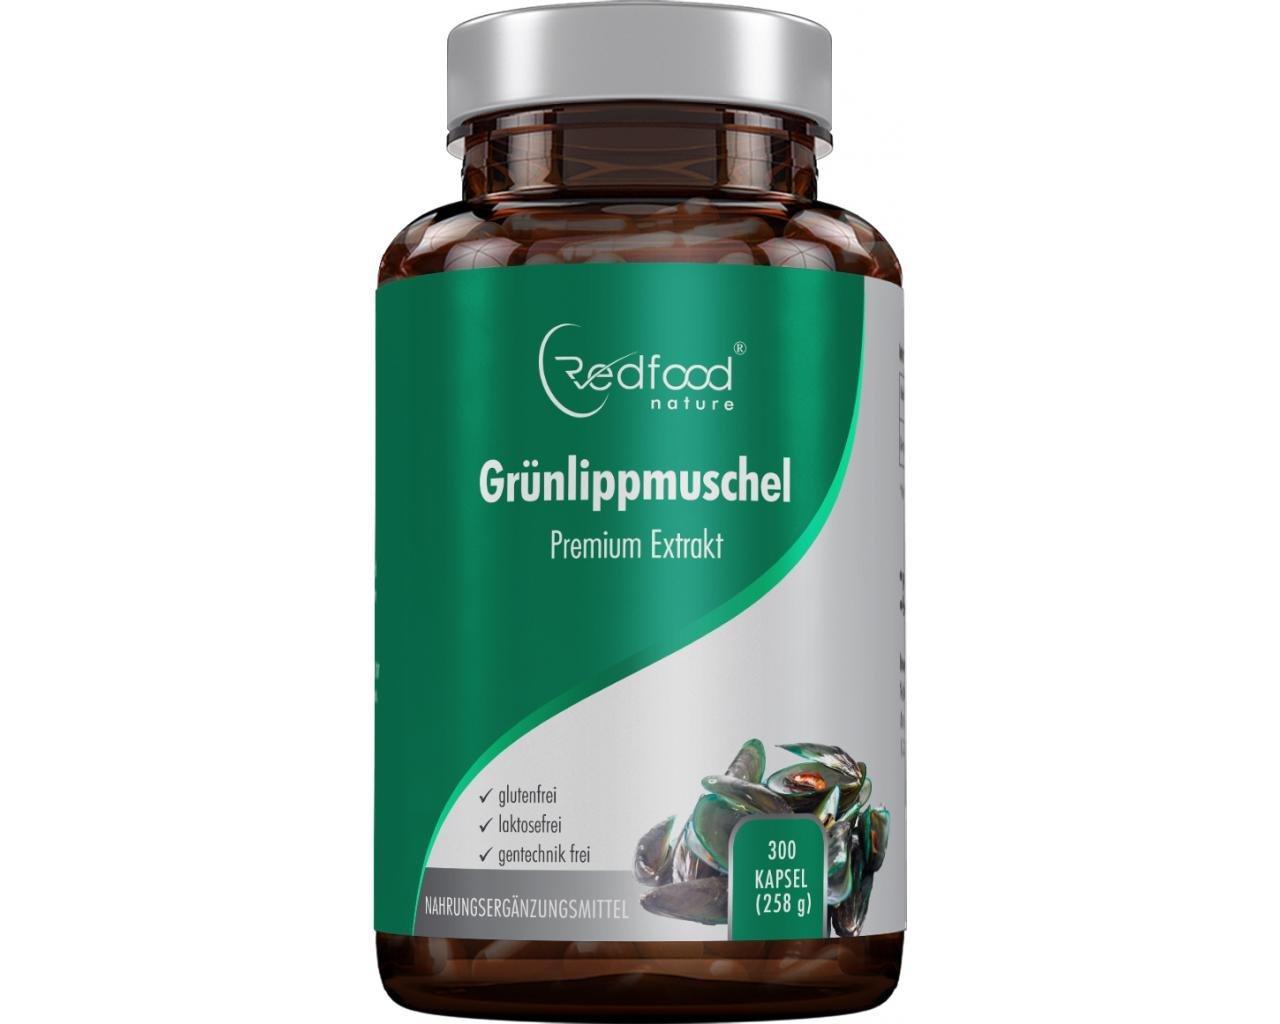 Grünlippmuschel Premium Extrakt